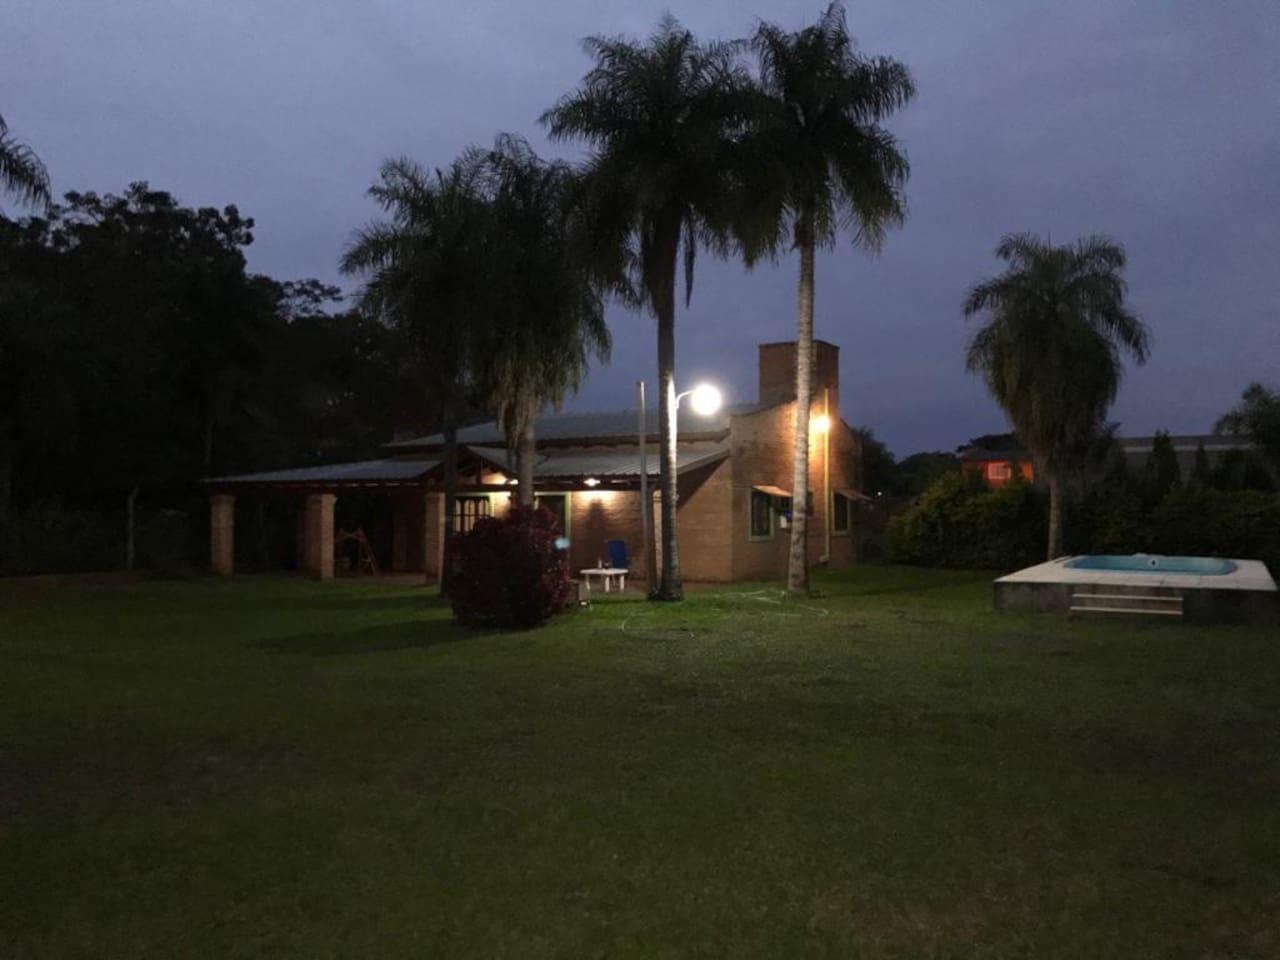 vista de la pileta y frente de la casa de noche